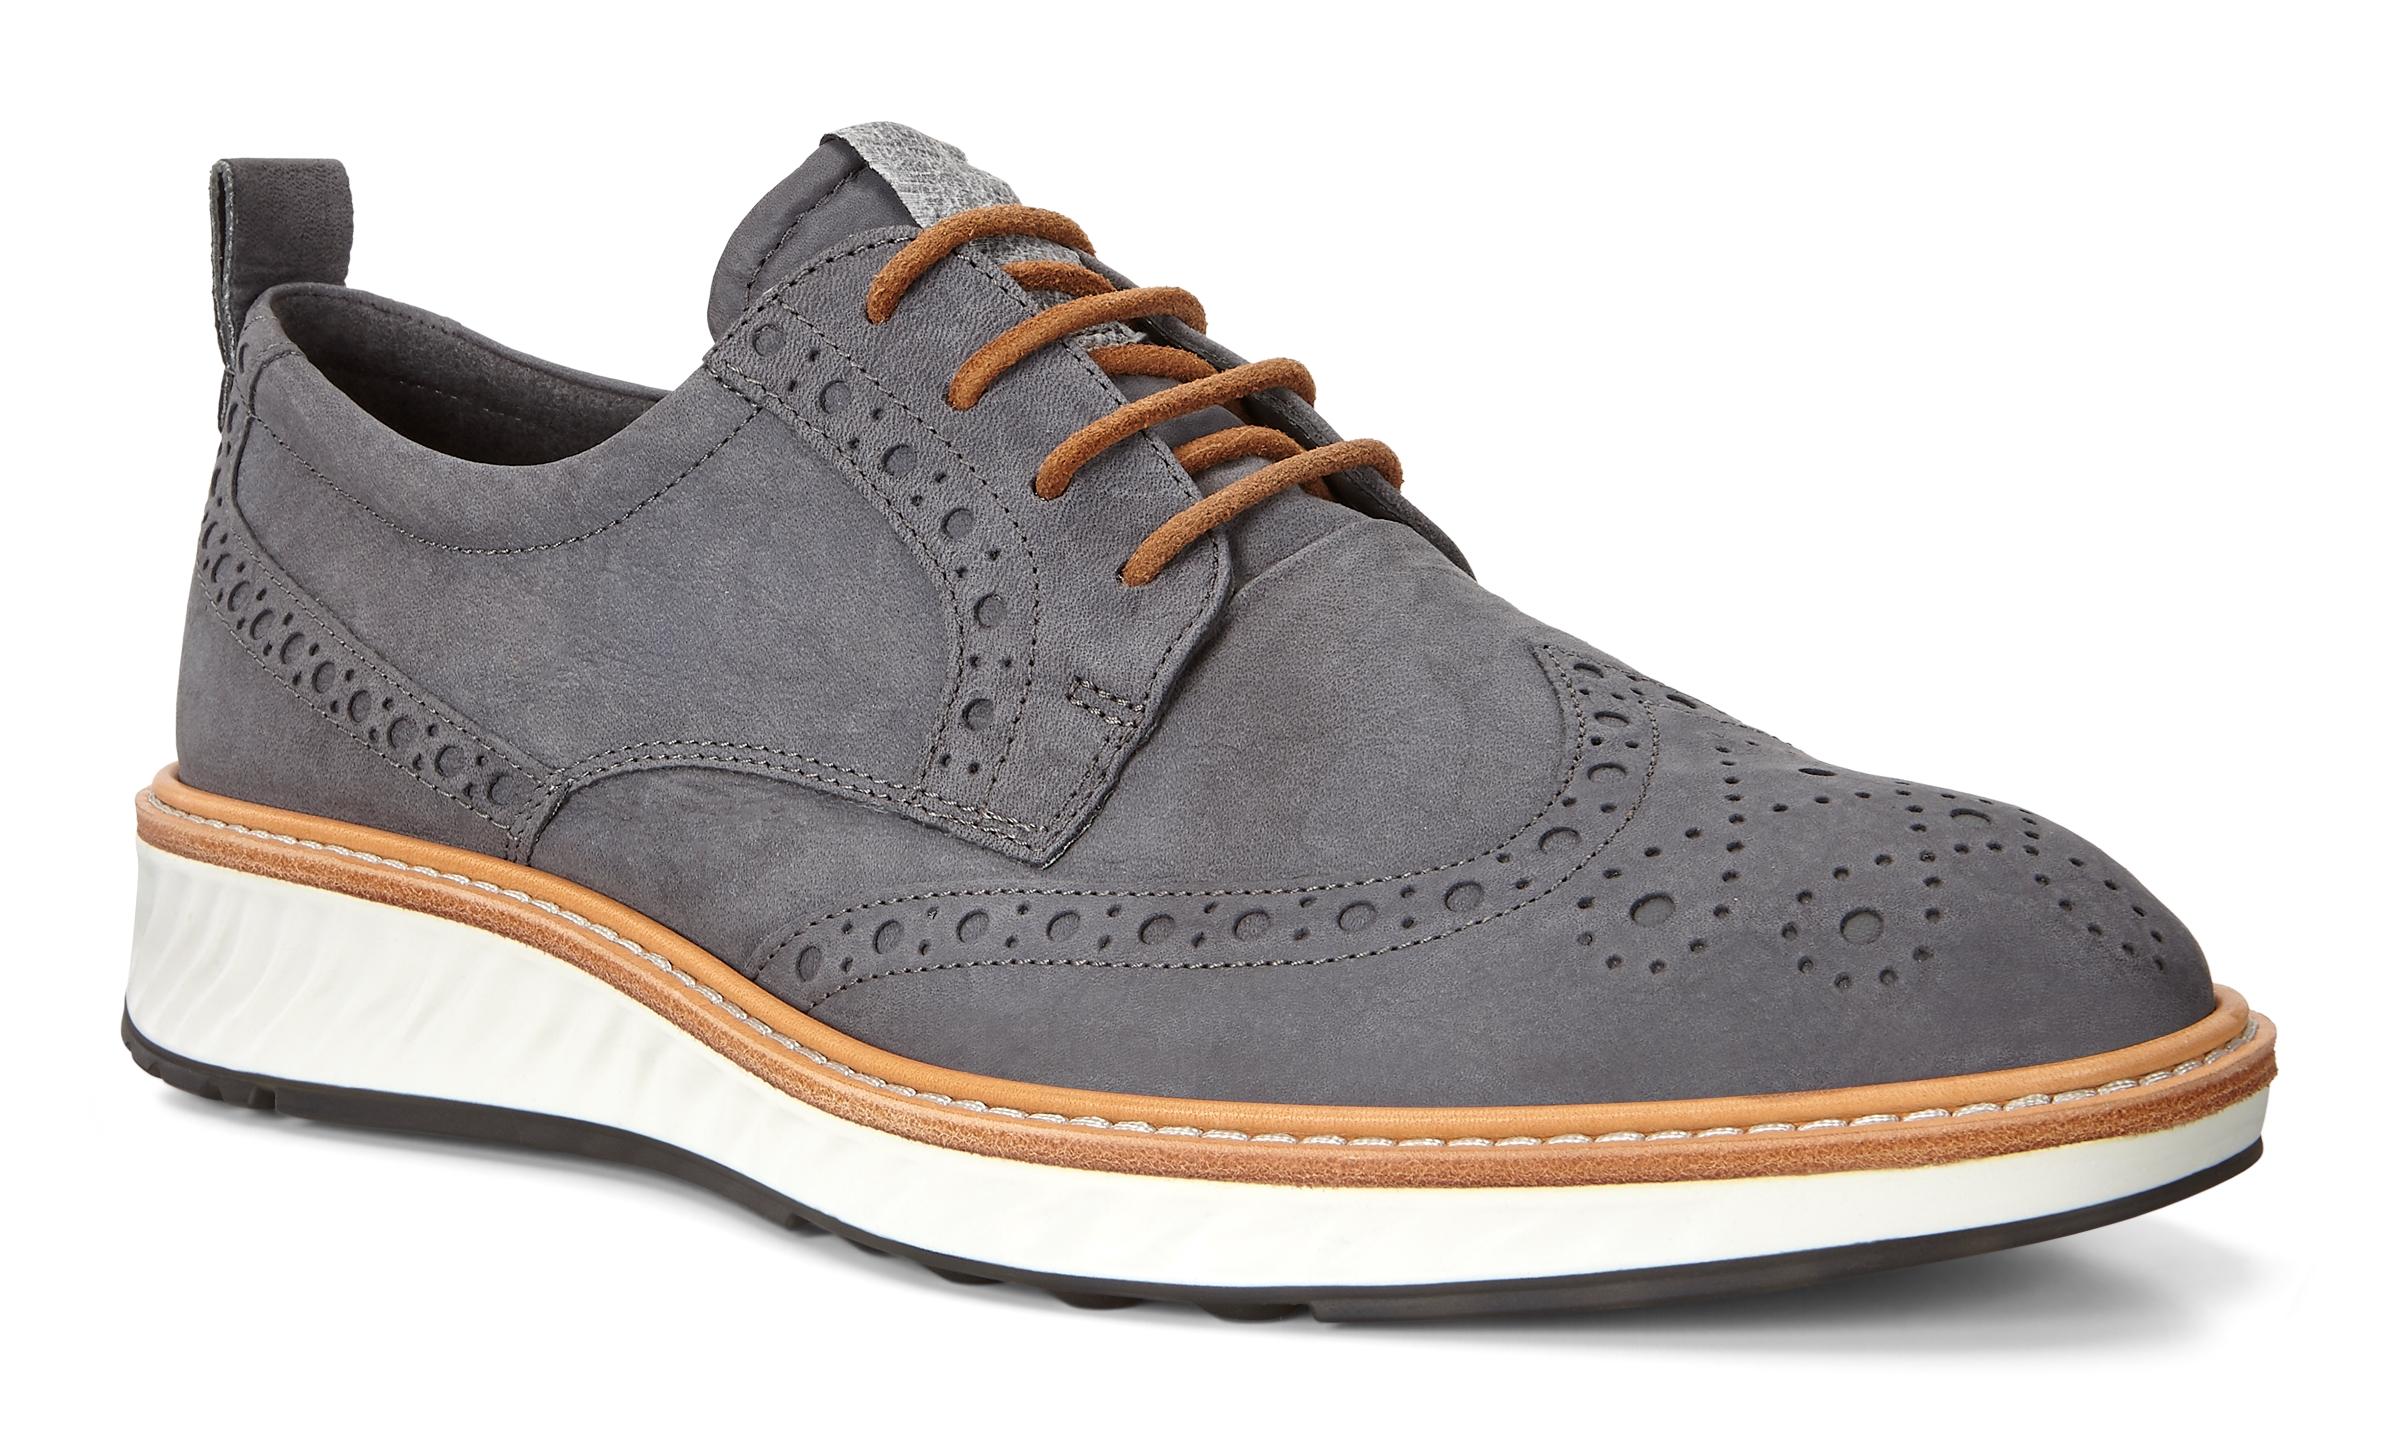 fe1f55991ded Einkaufen Shop Offiziellen Schuhe Herren Ecco® Im wRz0cXq